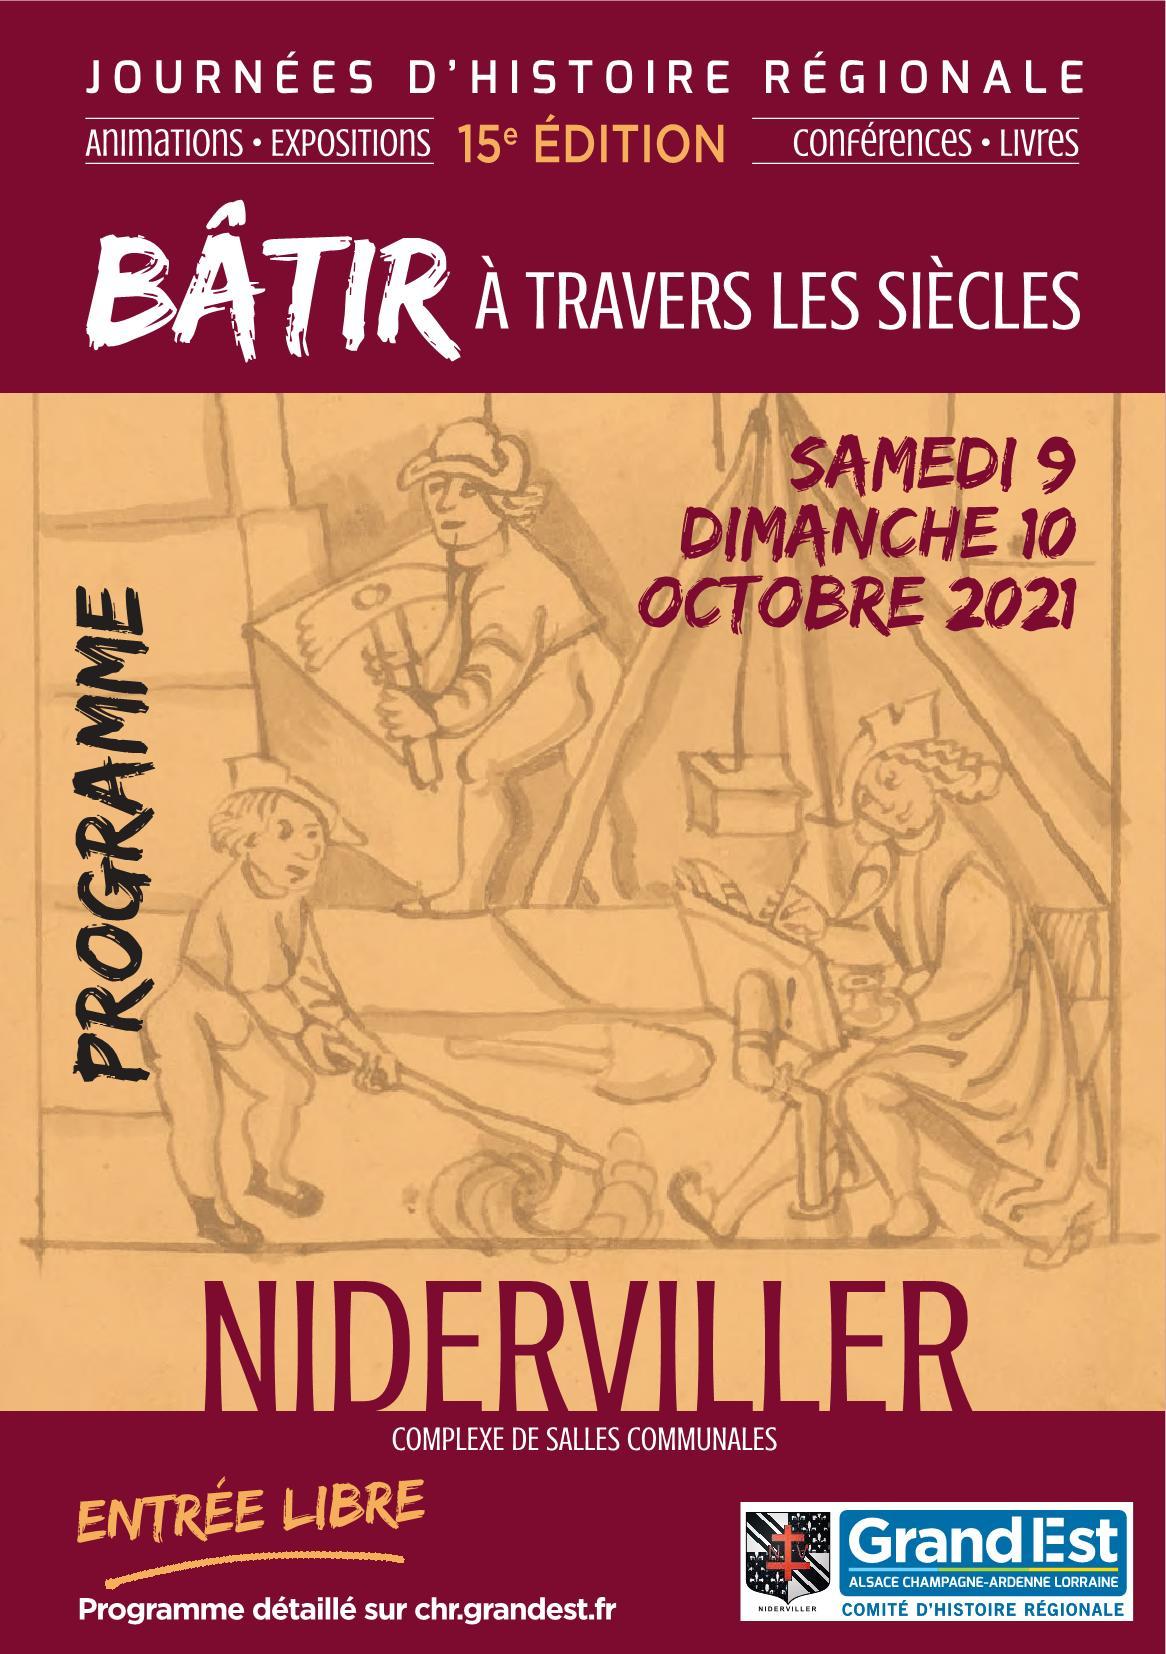 Journées d'Histoire Régionale à Niderviller 2021 : Animations, Expositions, Conférences, Démonstrations, Ateliers...